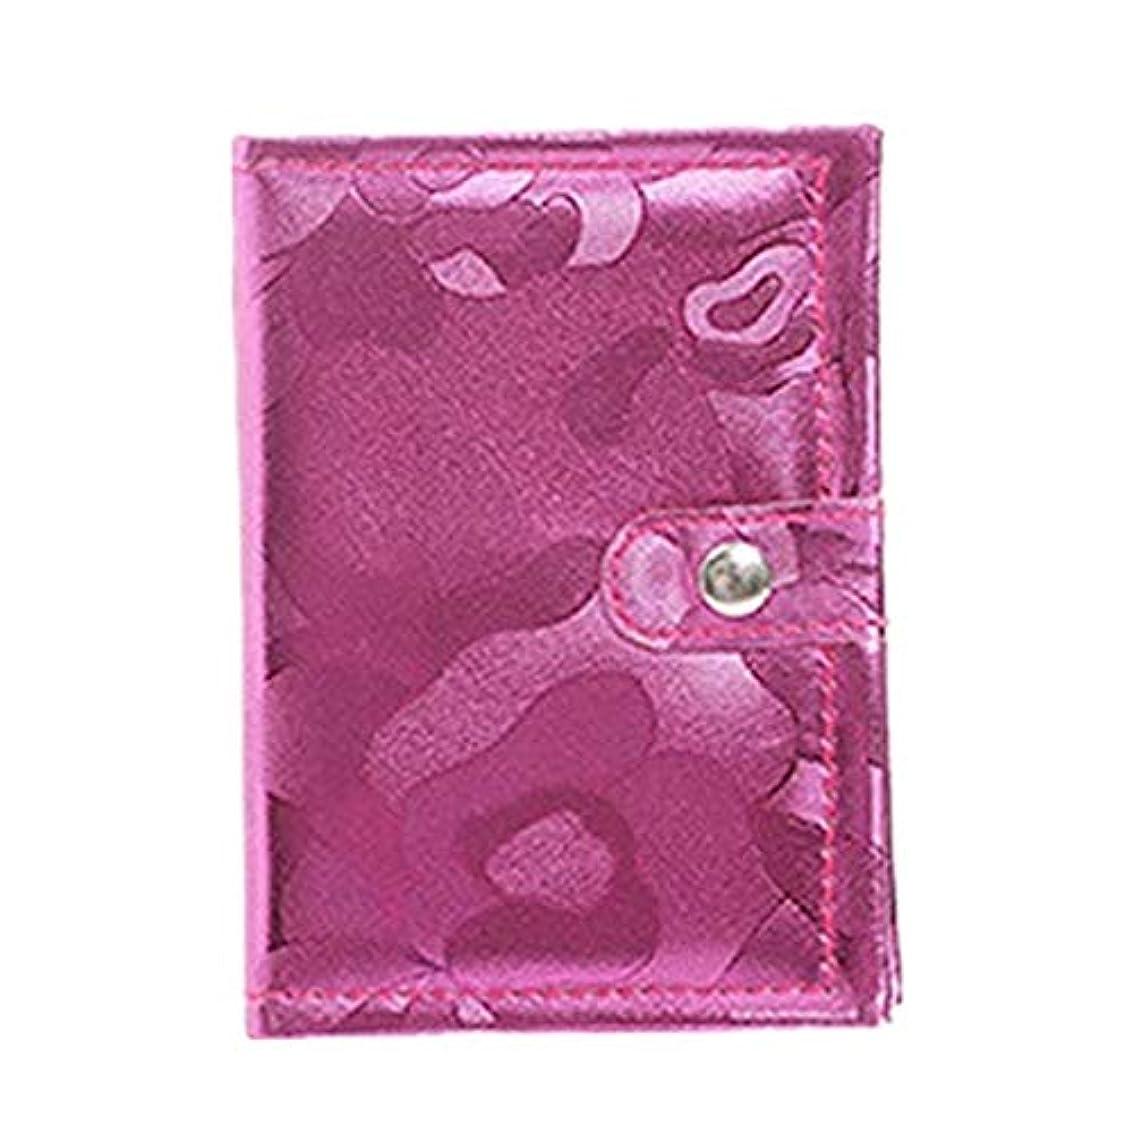 利益流偽物32色のアイシャドウダイヤモンドアイシャドウパールアイシャドウアイシャドウディスクの美容製品を非ドレッシングスティング